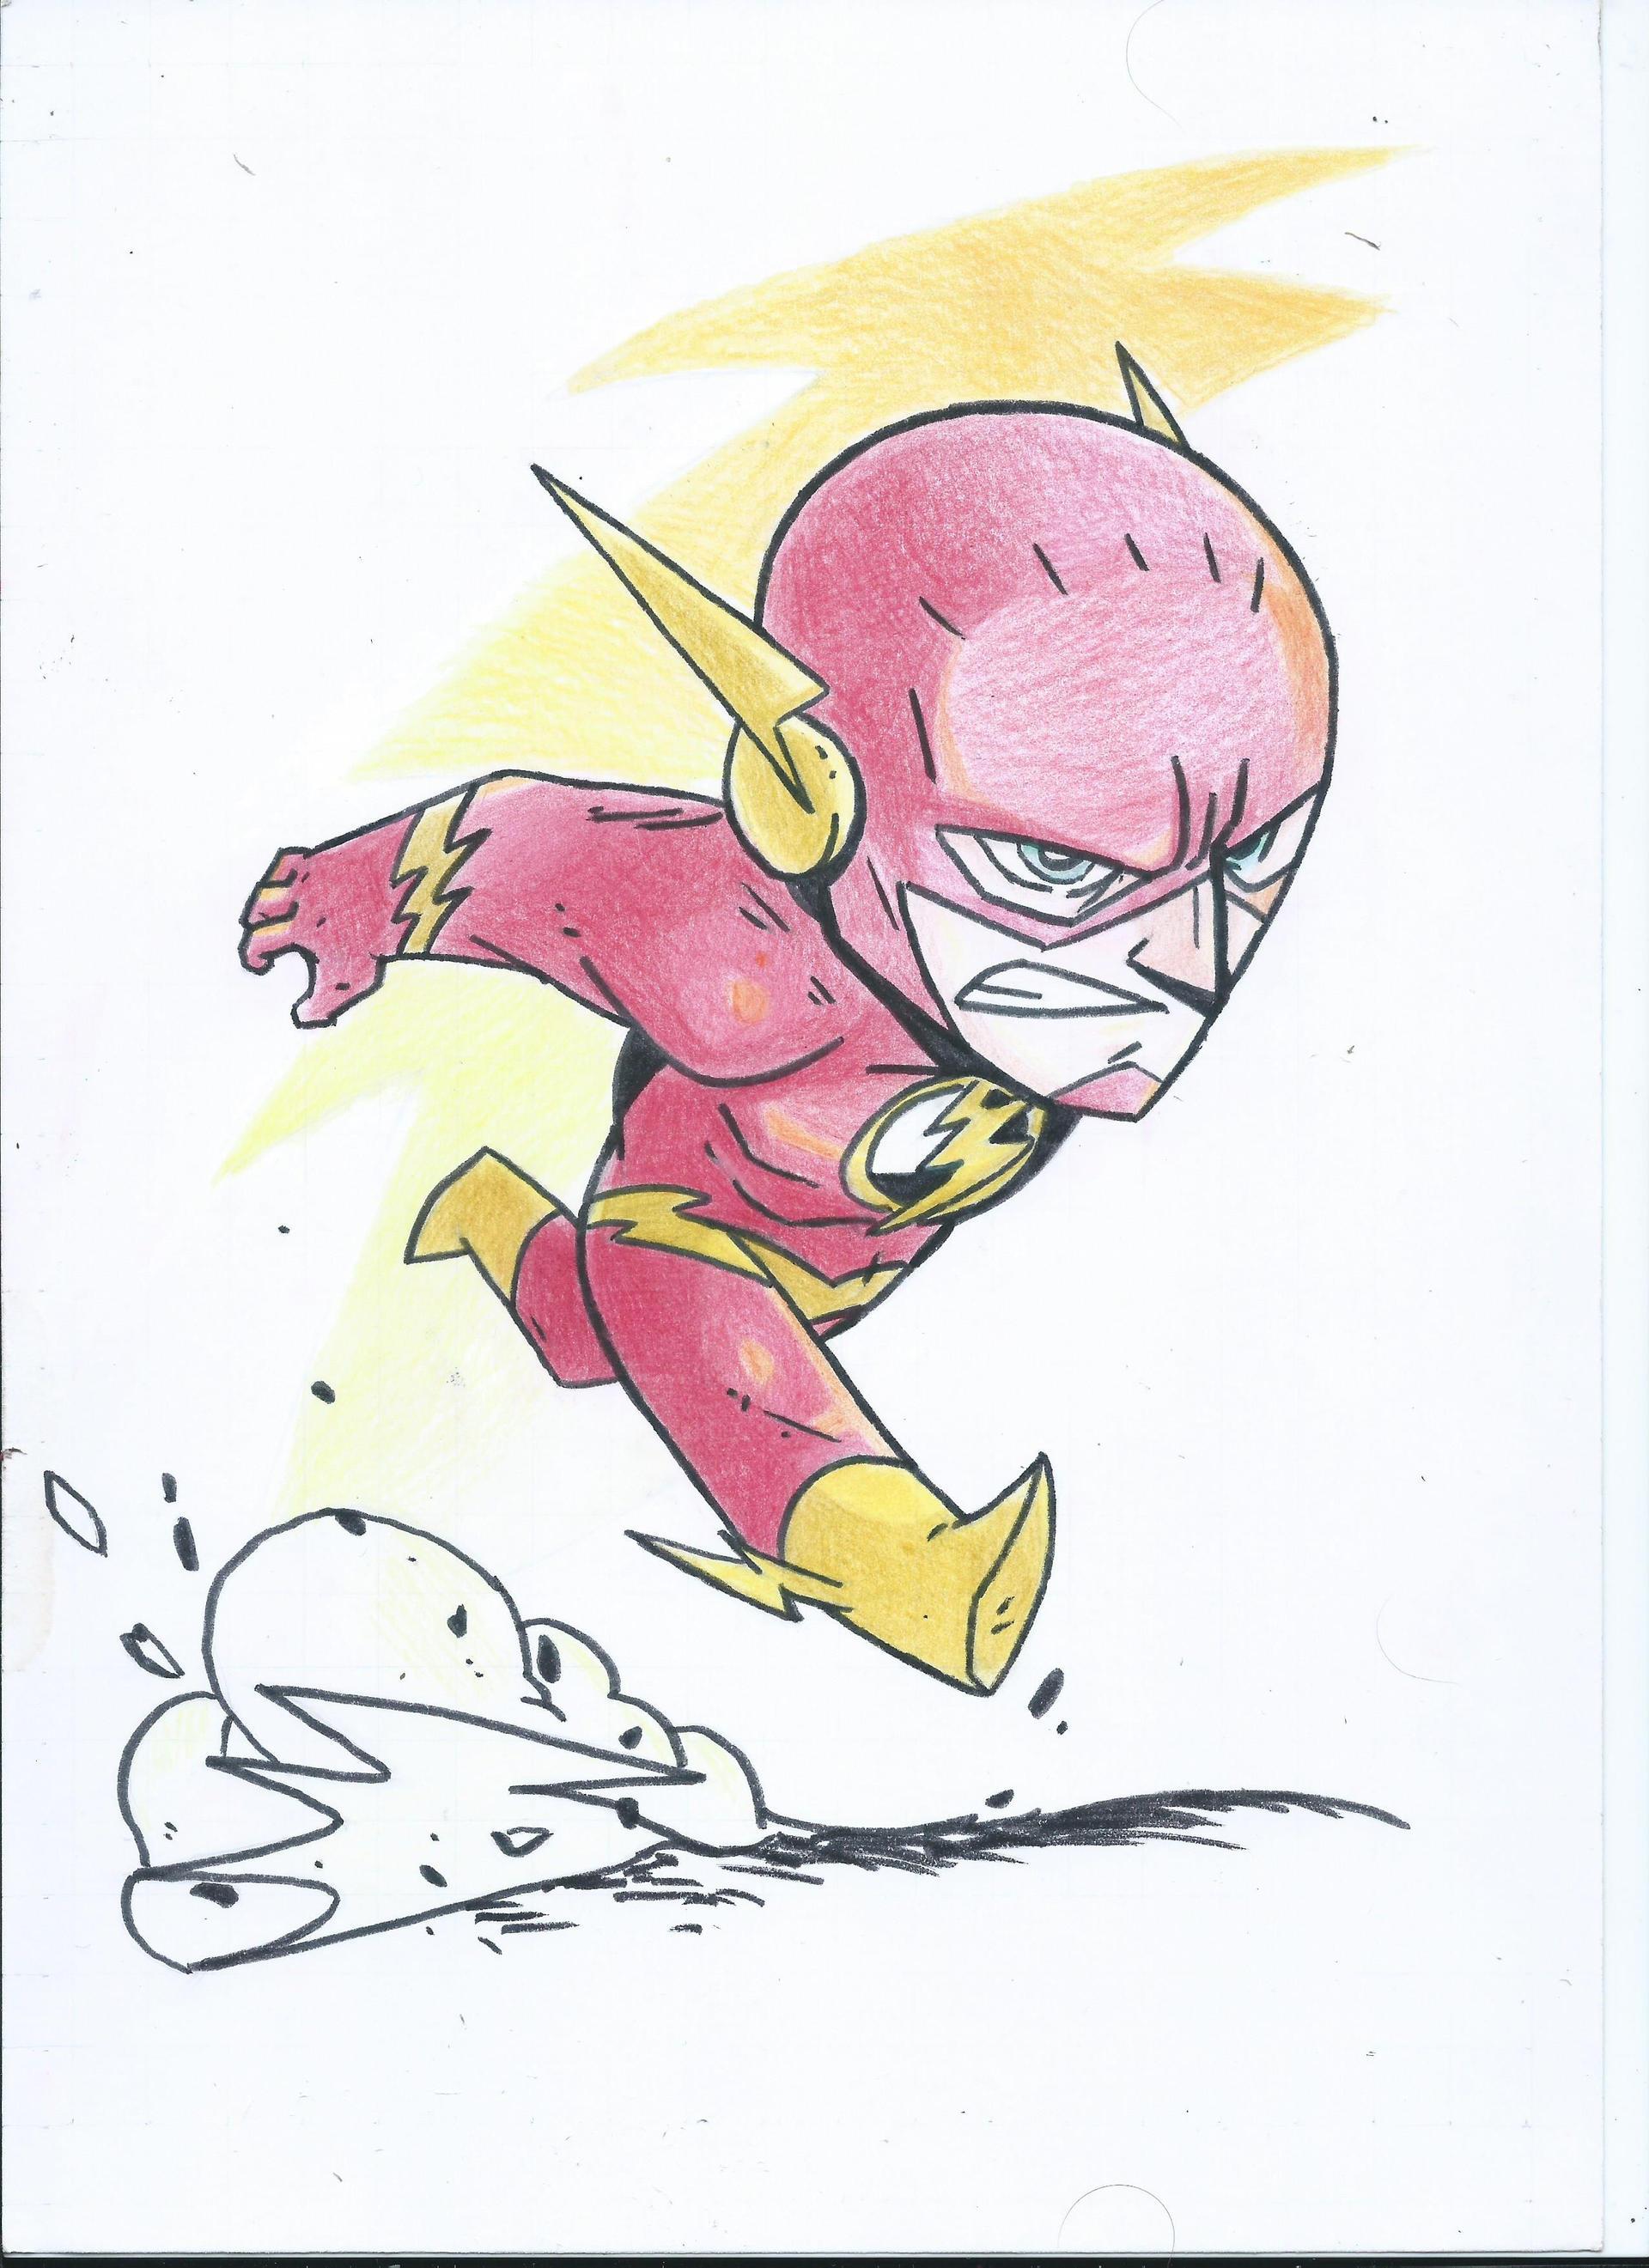 Dessin Flash By Warthof On Deviantart